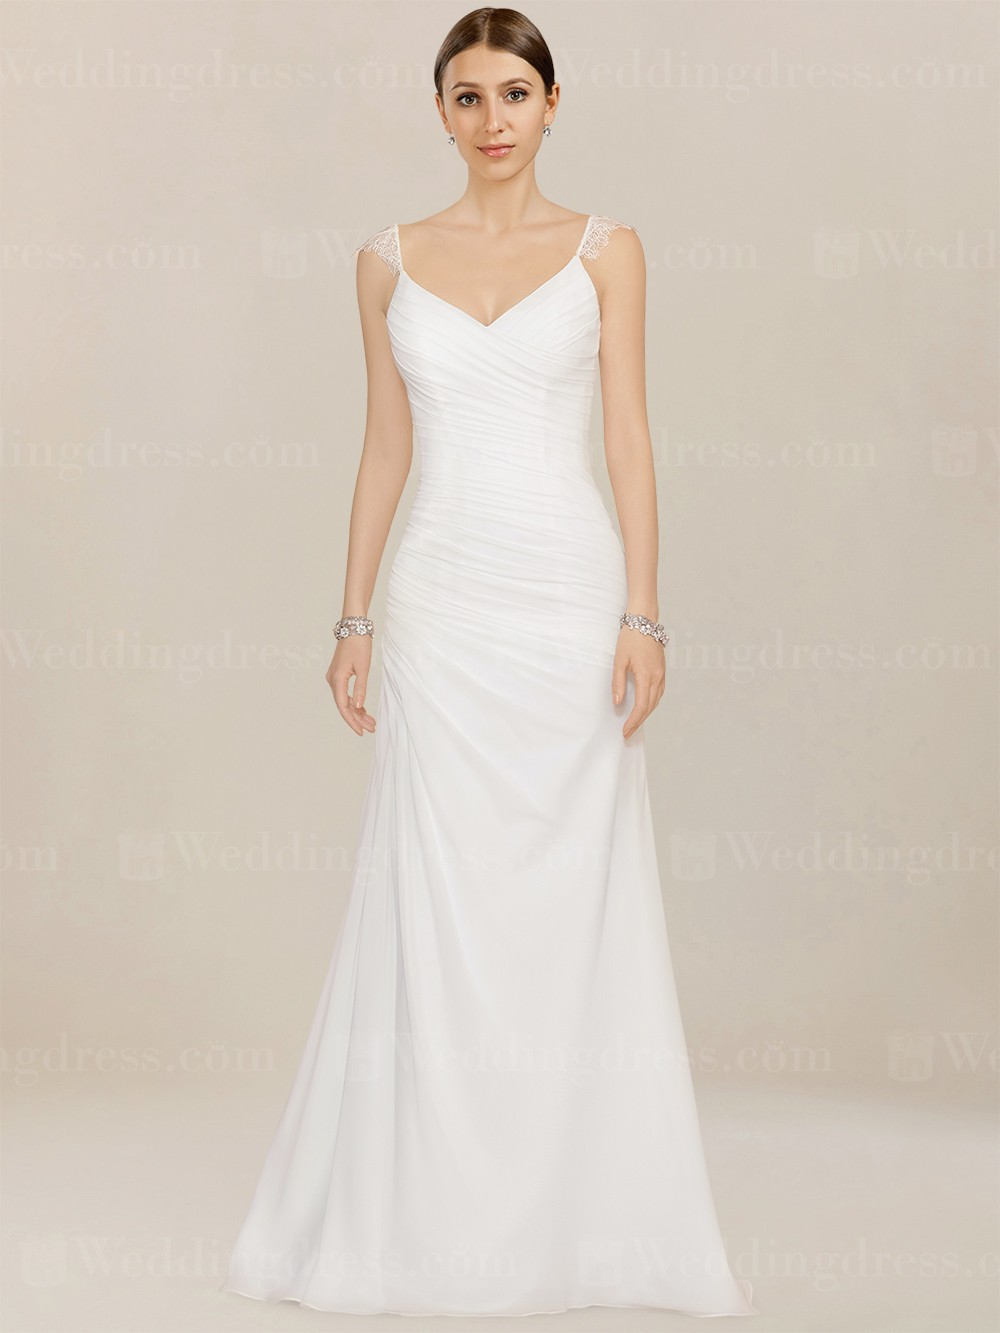 Casual Beach Wedding Dresses Cheap